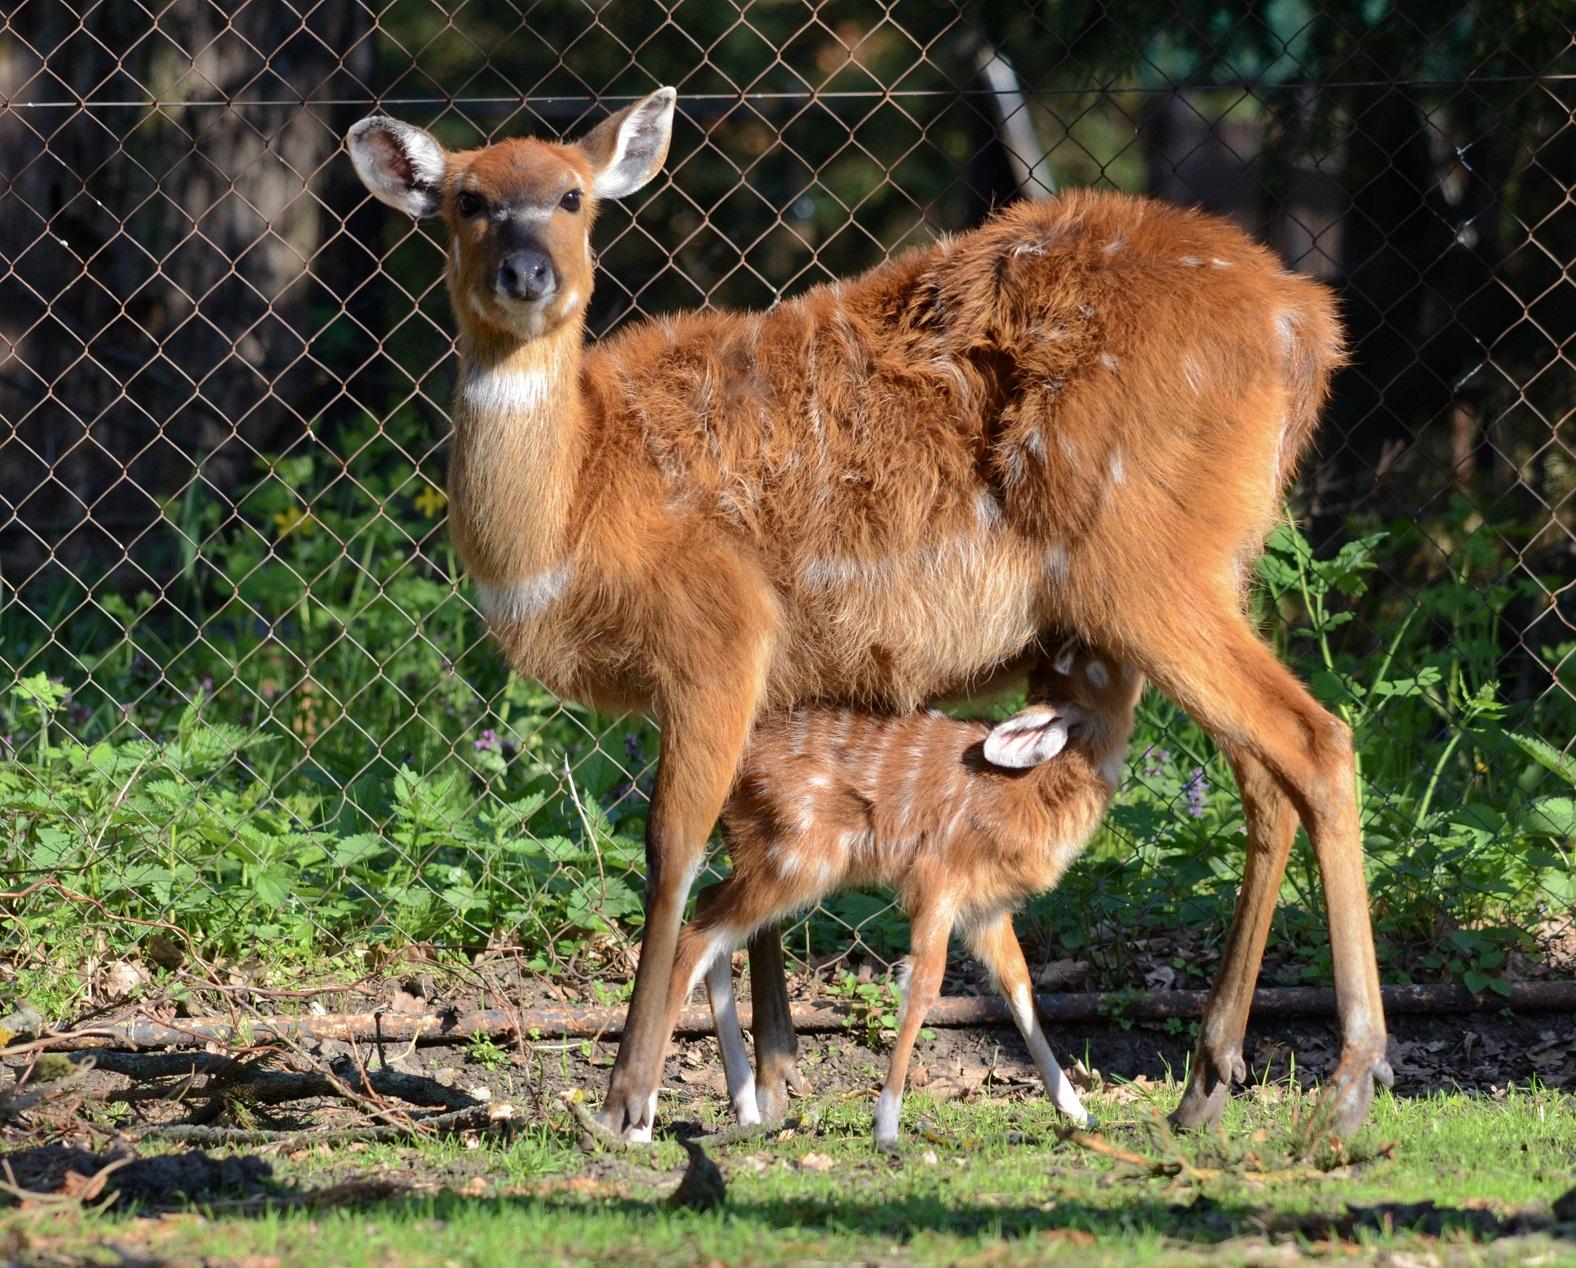 Návštěvníci hodonínské zoo se mohou těšit na mládě sitatungy západoafrické